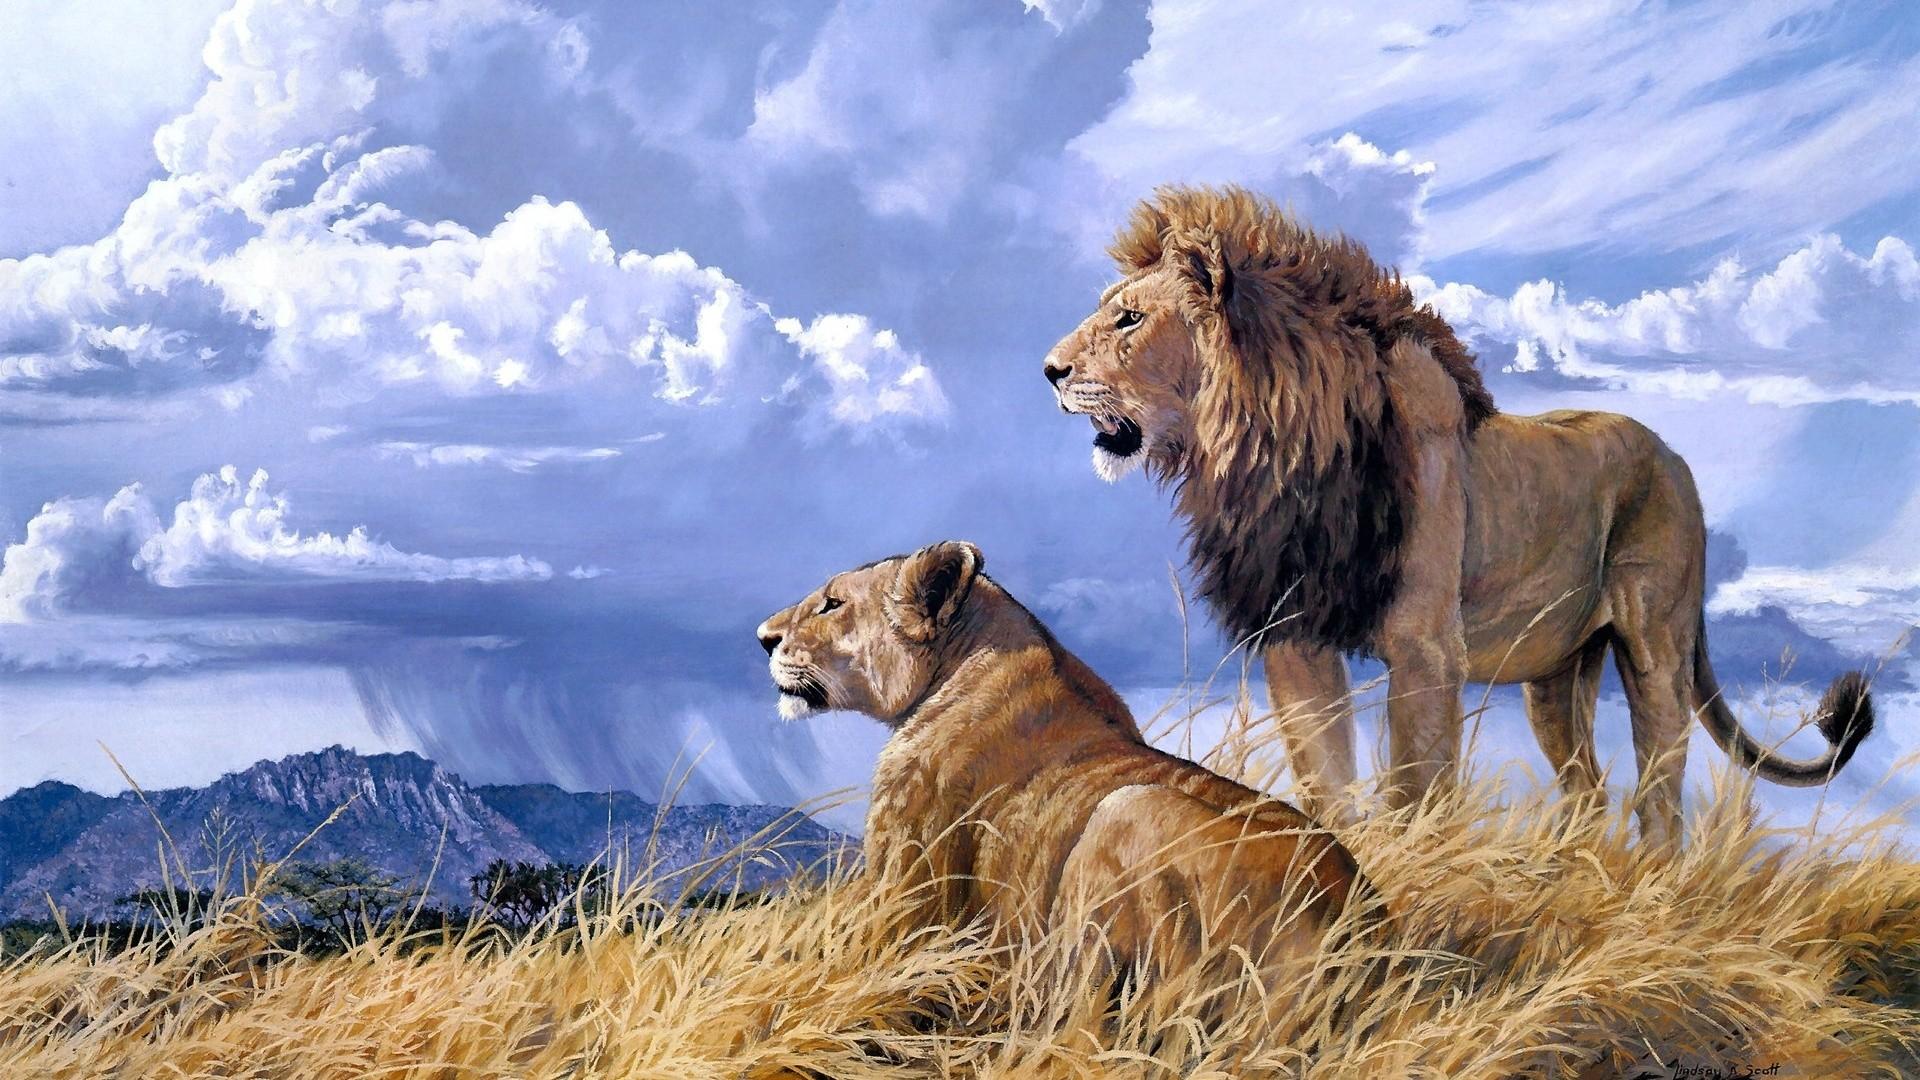 Lions. Lions Wallpaper